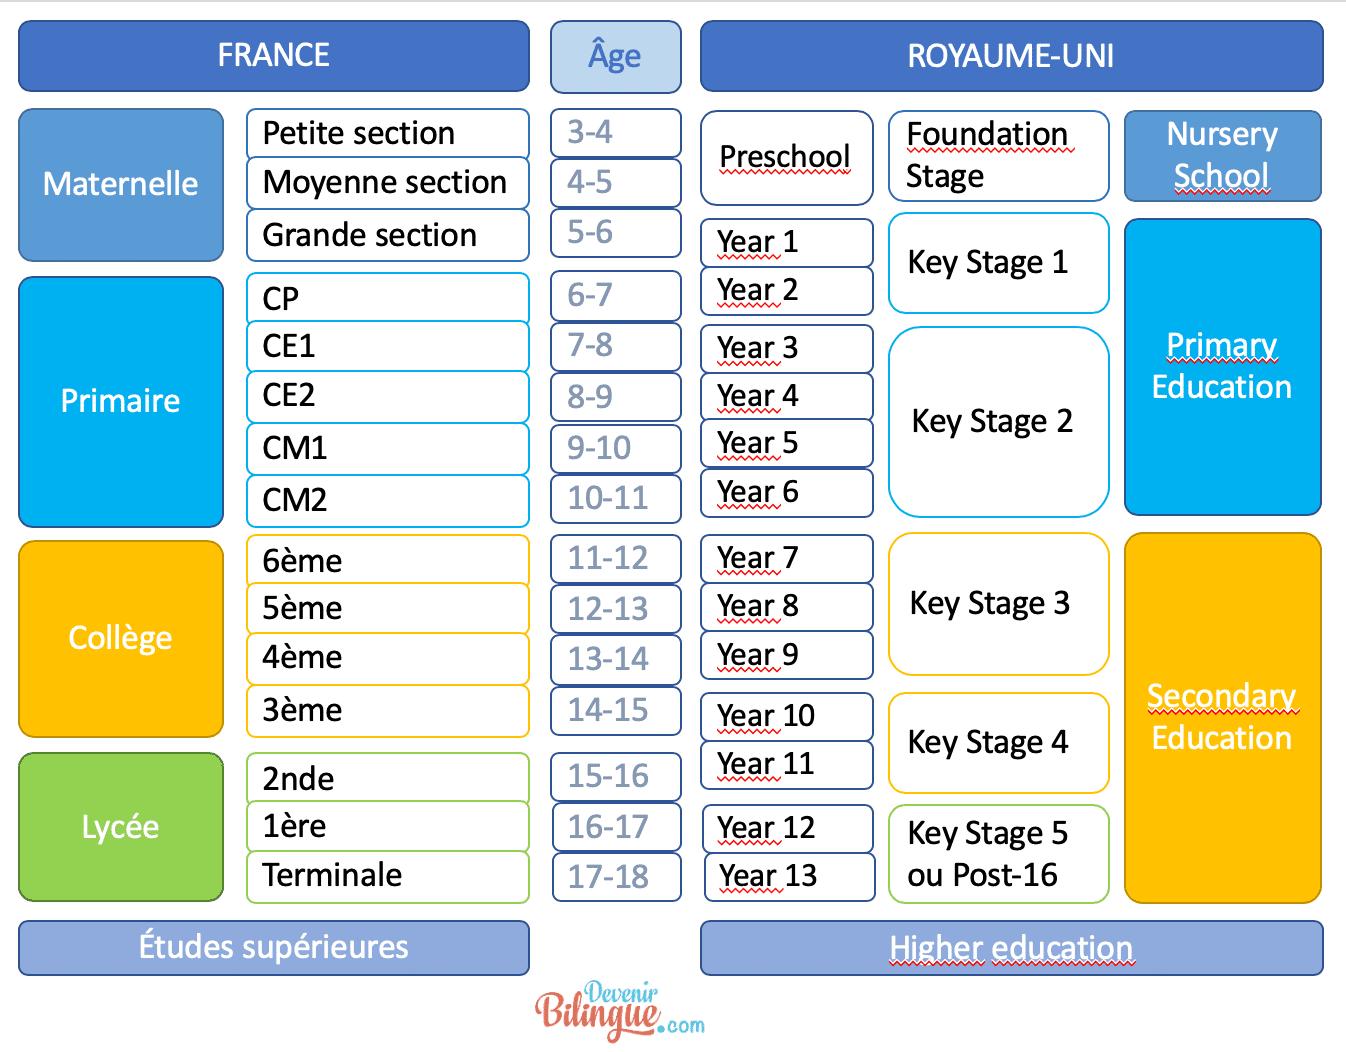 Equivalences entre l'école au UK et en France - Niveaux, âges, classes